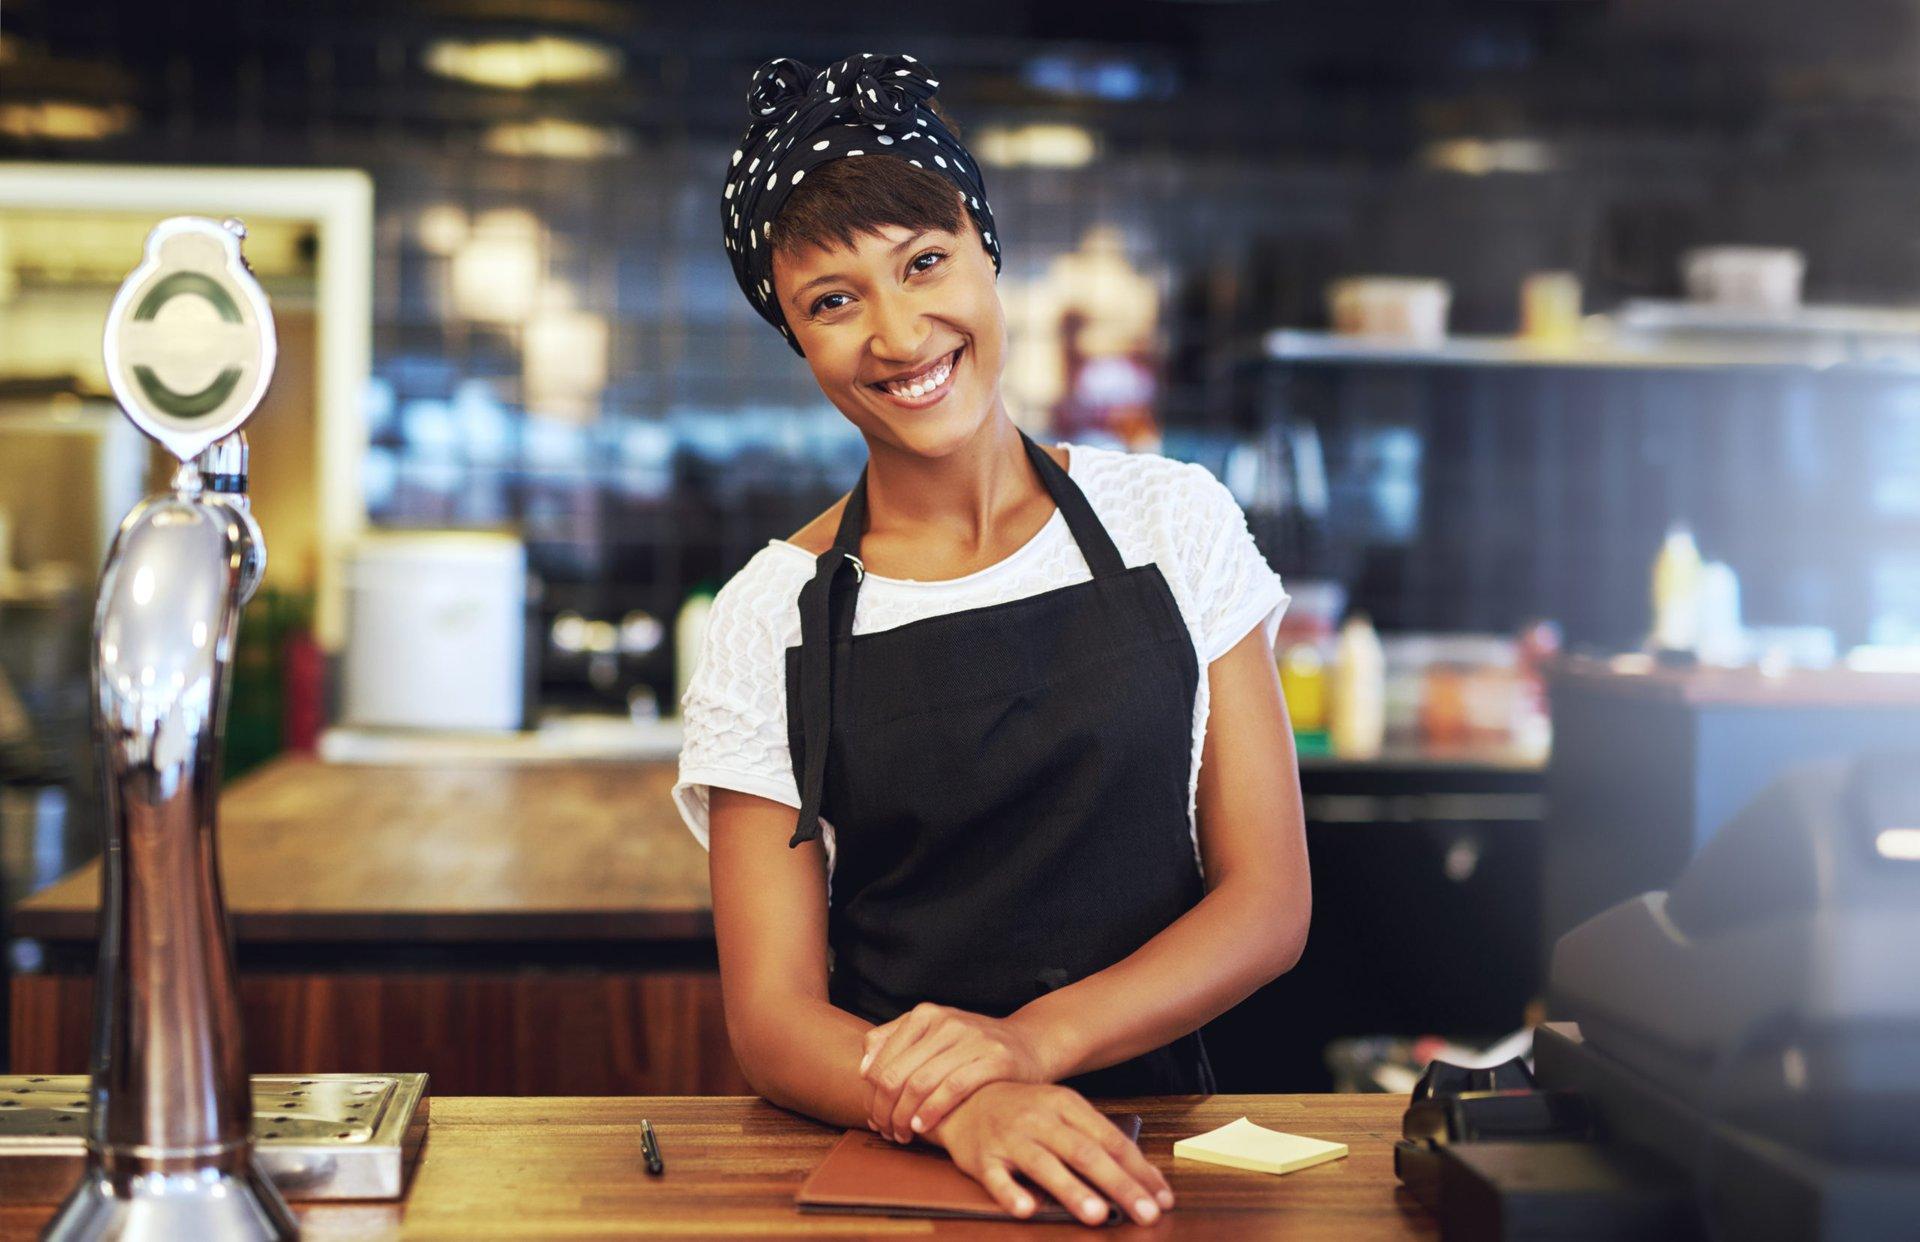 Self-employed restaurant owner